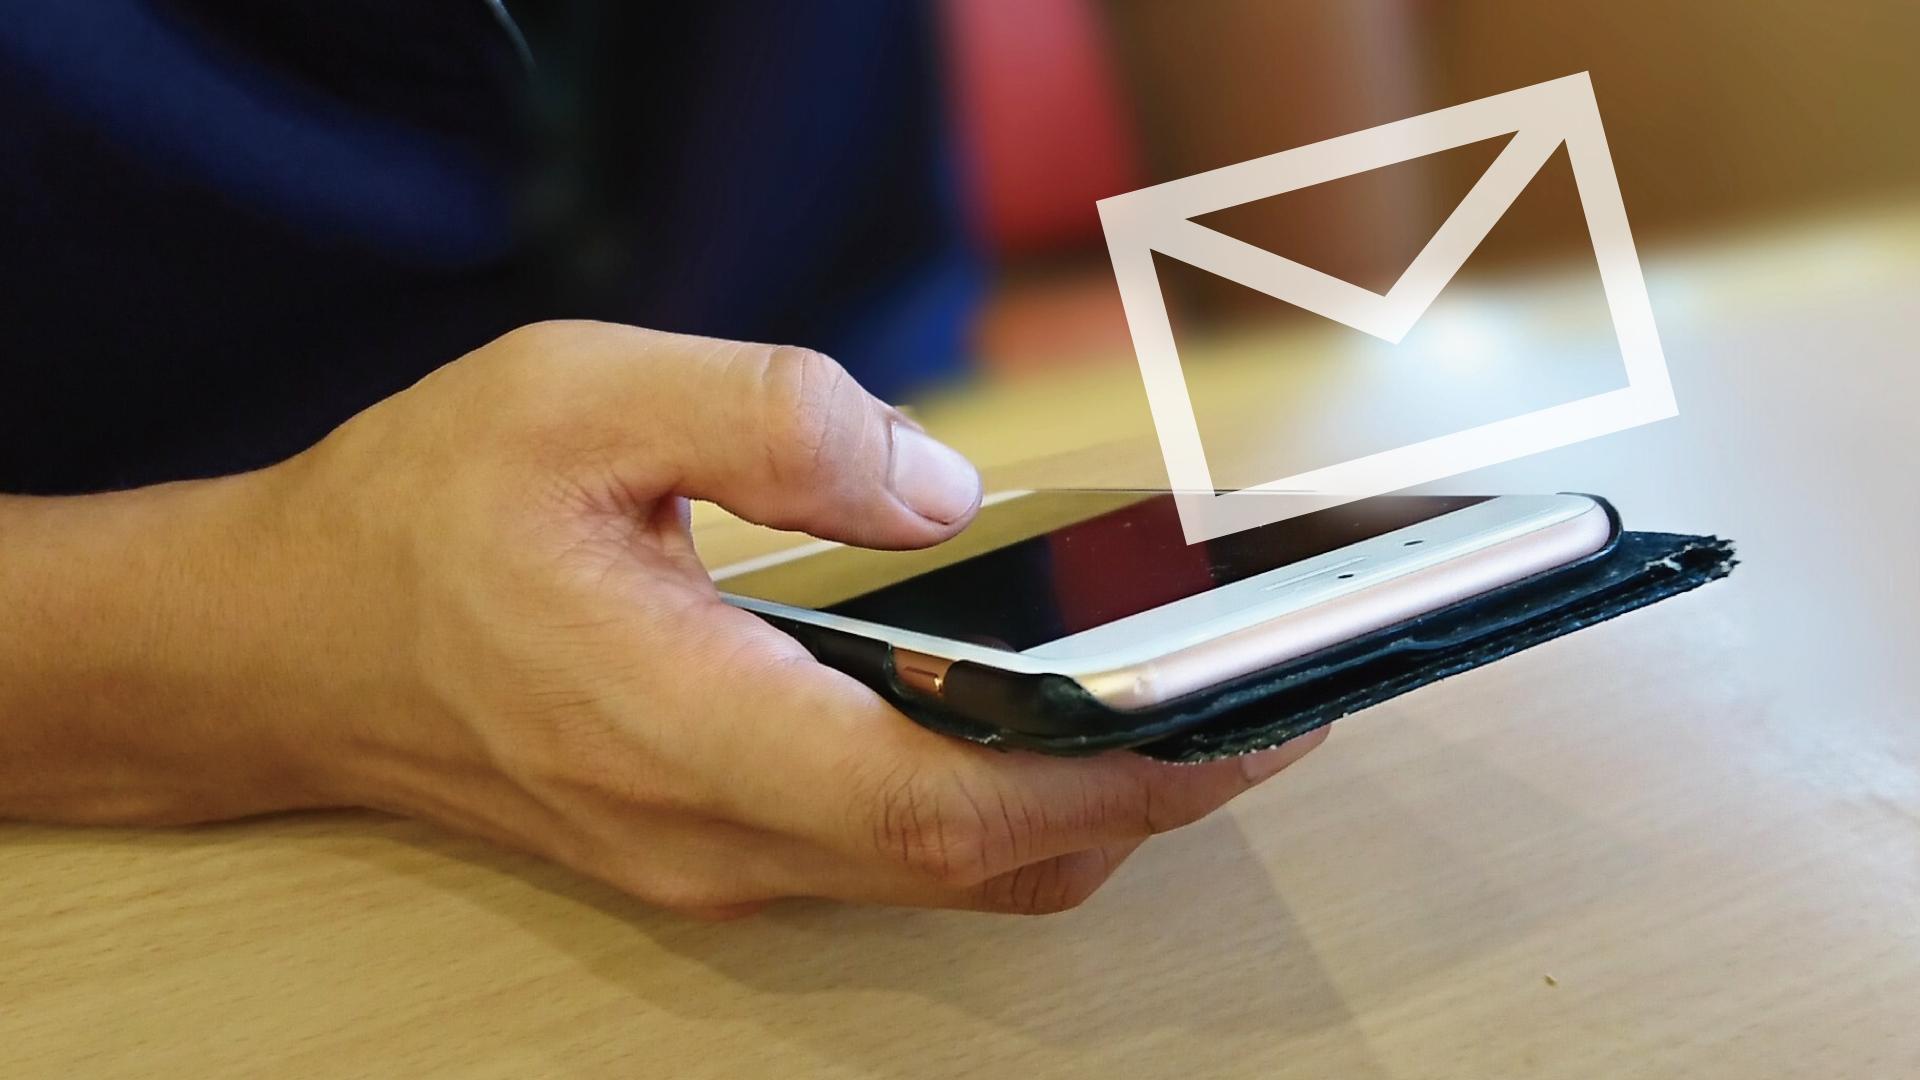 脅迫メール「情報リクエストに関する個人的な」の対処法